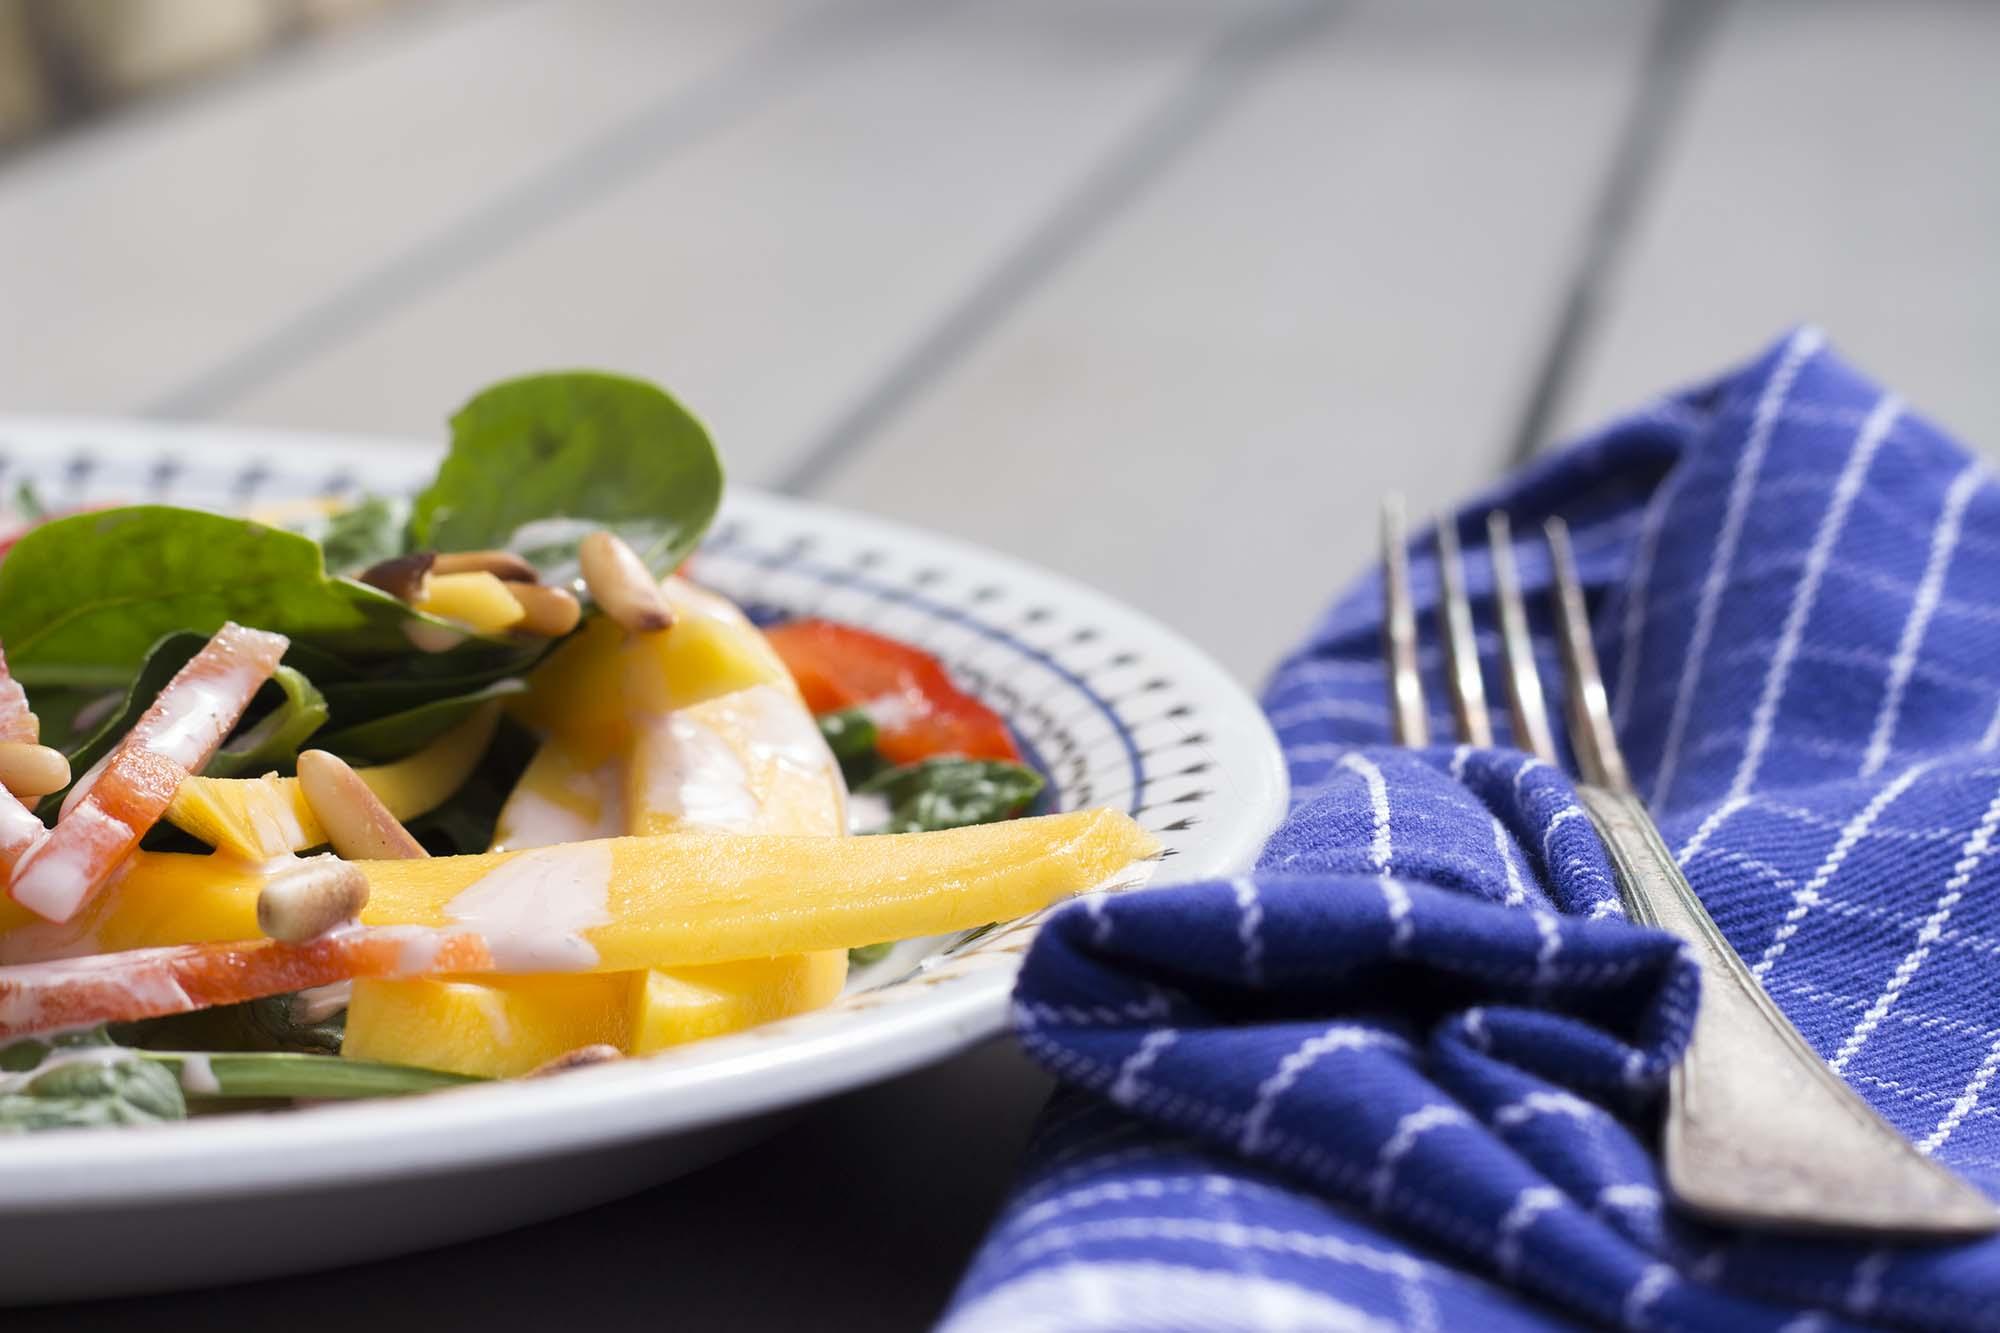 Spinatsalat med mango og kirsebærdressing (4)_FAV_RED - Fru Kofoeds Køkken